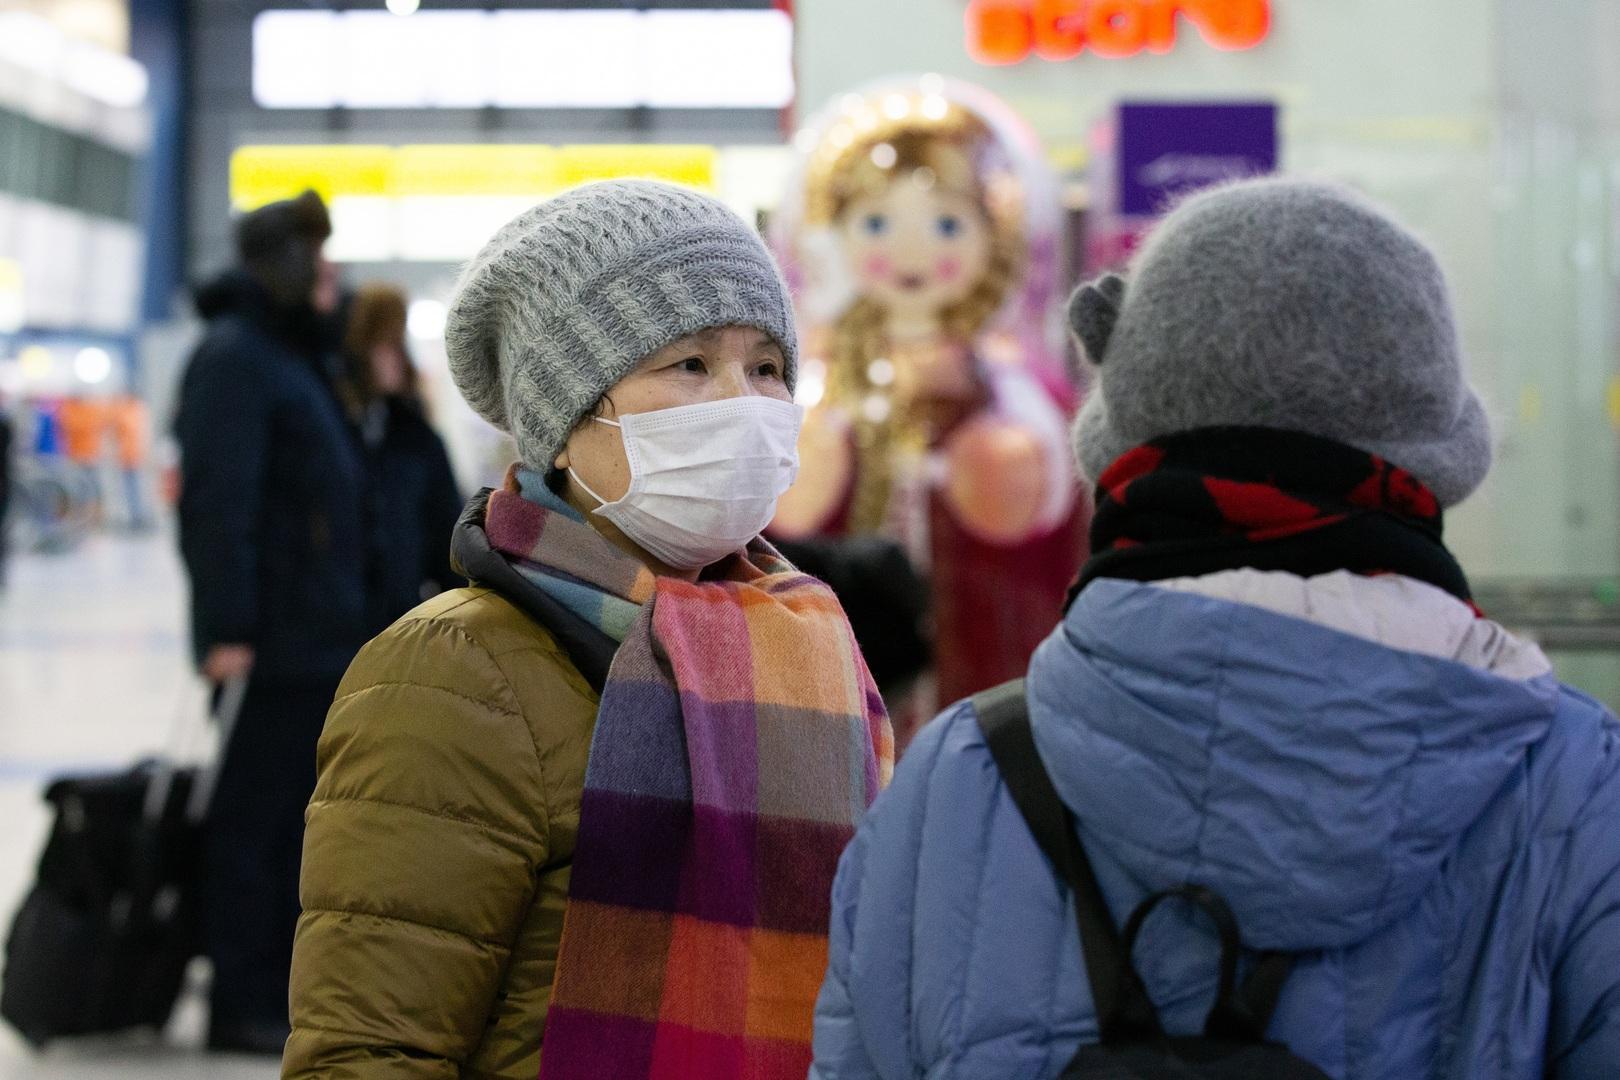 روسيا توقف استقبال السياح الصينيين لتفادي